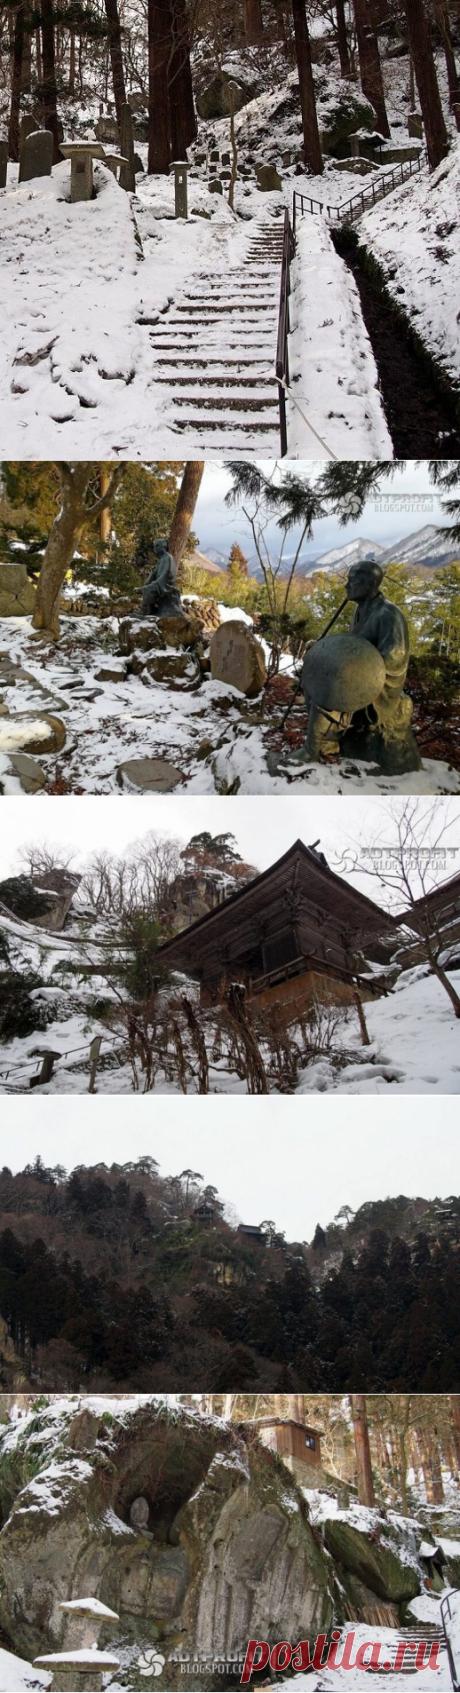 Ямадера: храм тысячи ступеней / Туристический спутник